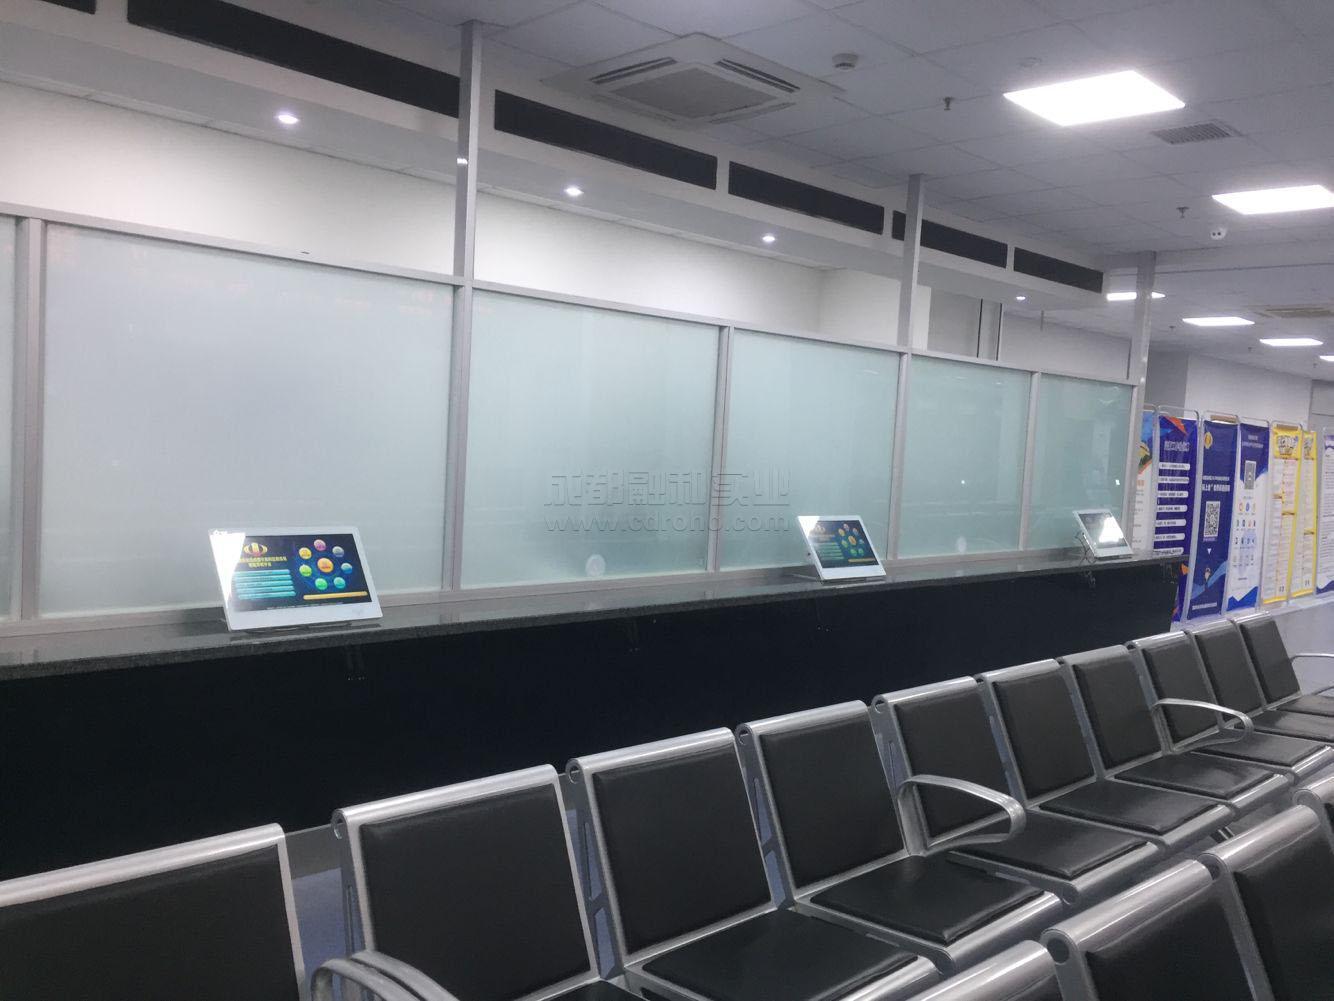 智慧税务大厅之休息区桌面式导税机安装配置